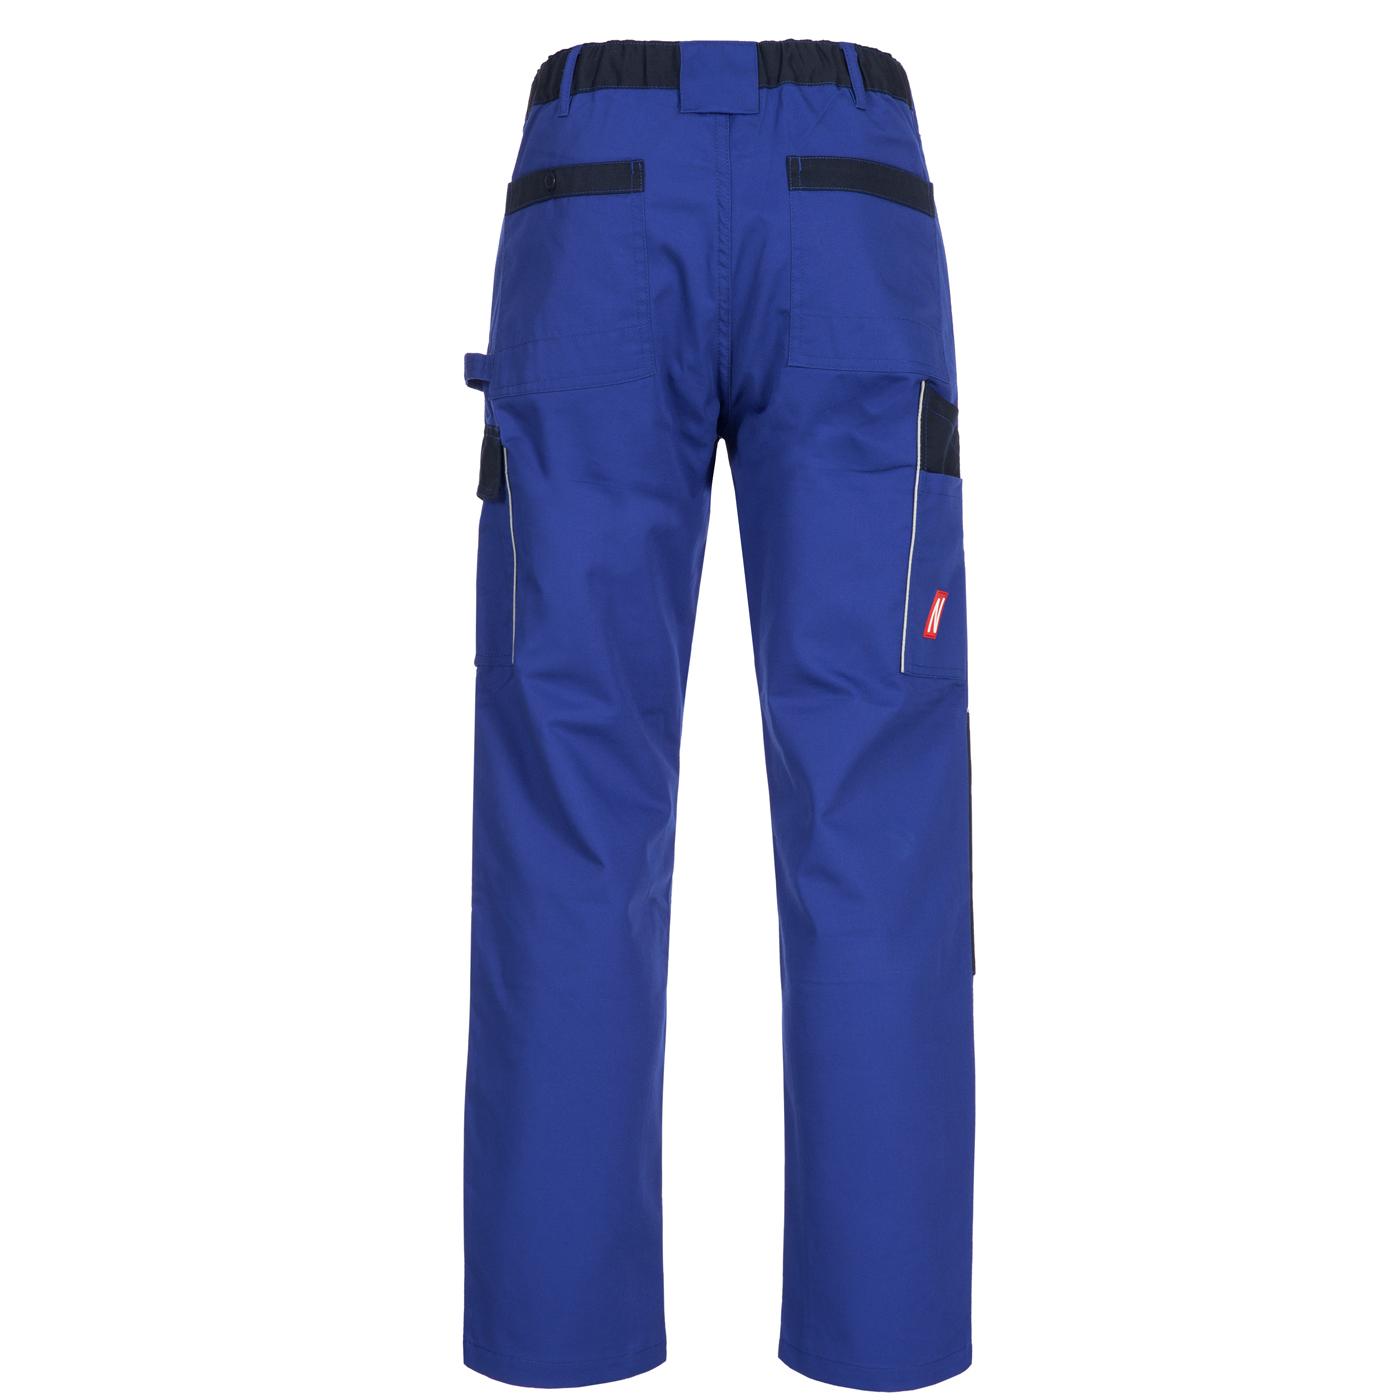 Spodnie robocze Nitras 7511